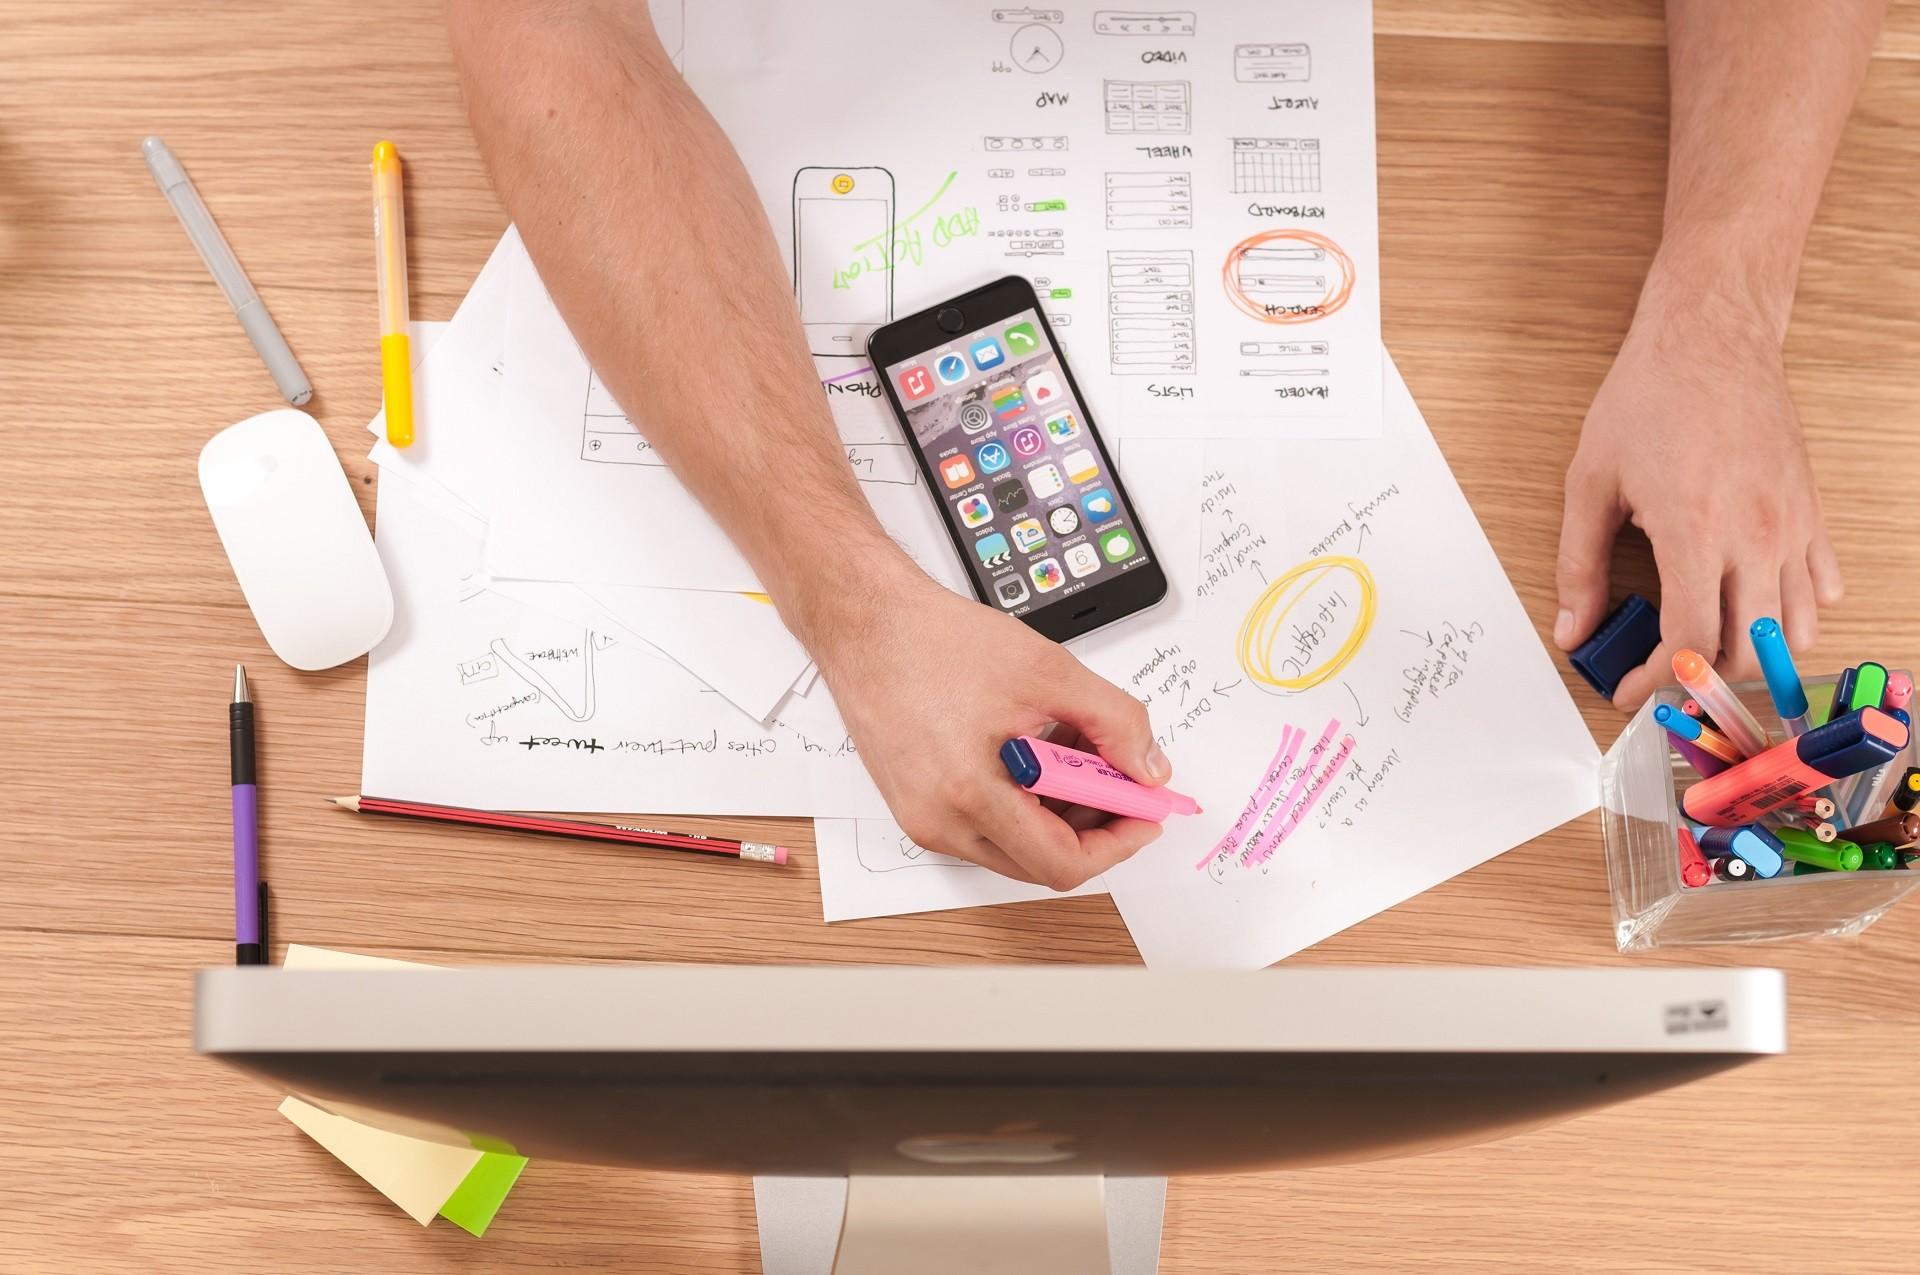 Jak skutecznie rozwijać swoją firmę lub dział?